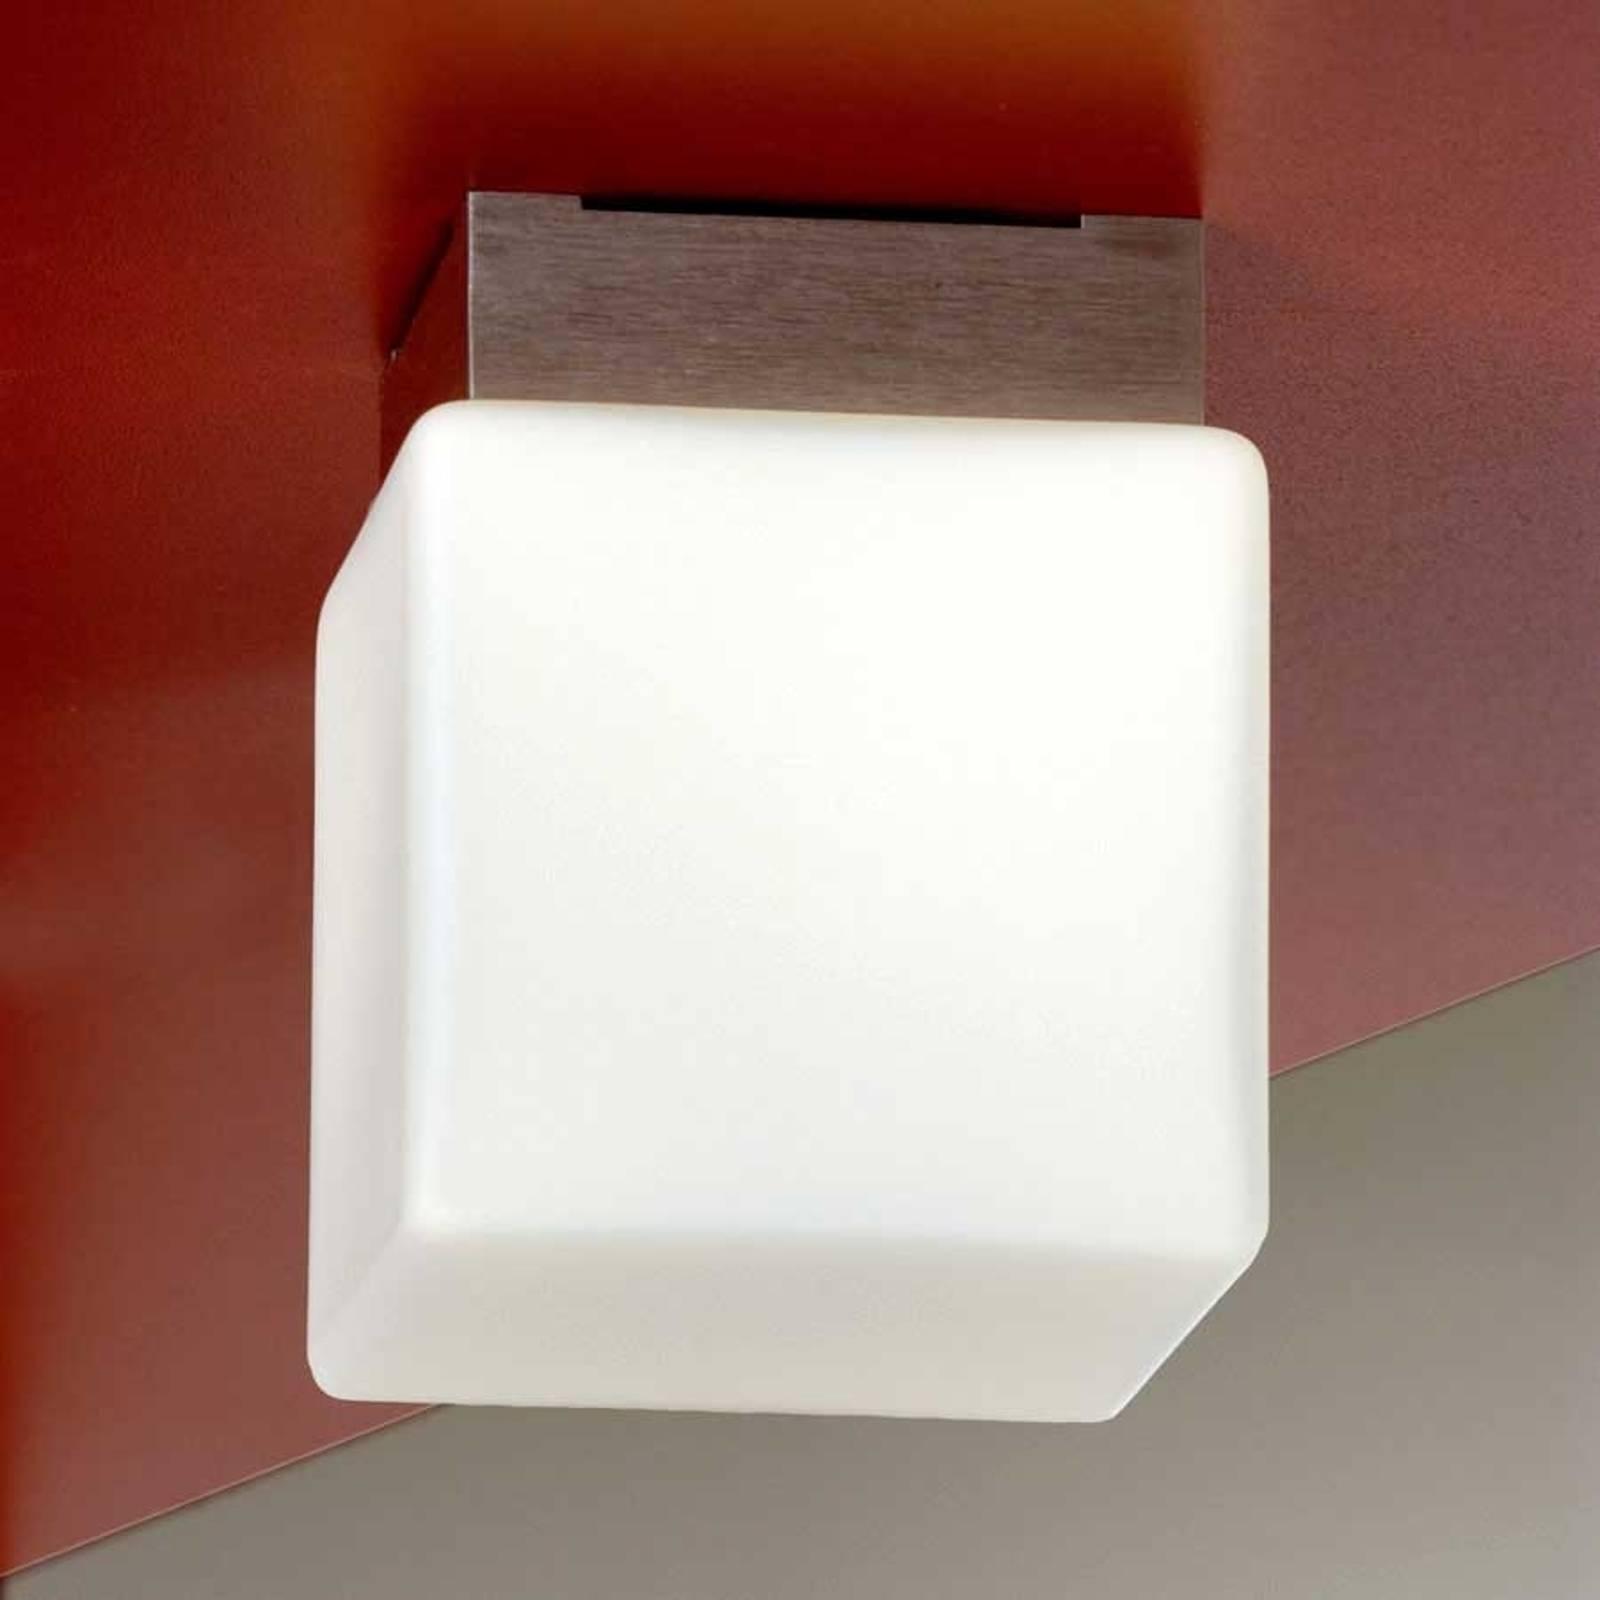 Lampa sufitowa CUBE 8 cm